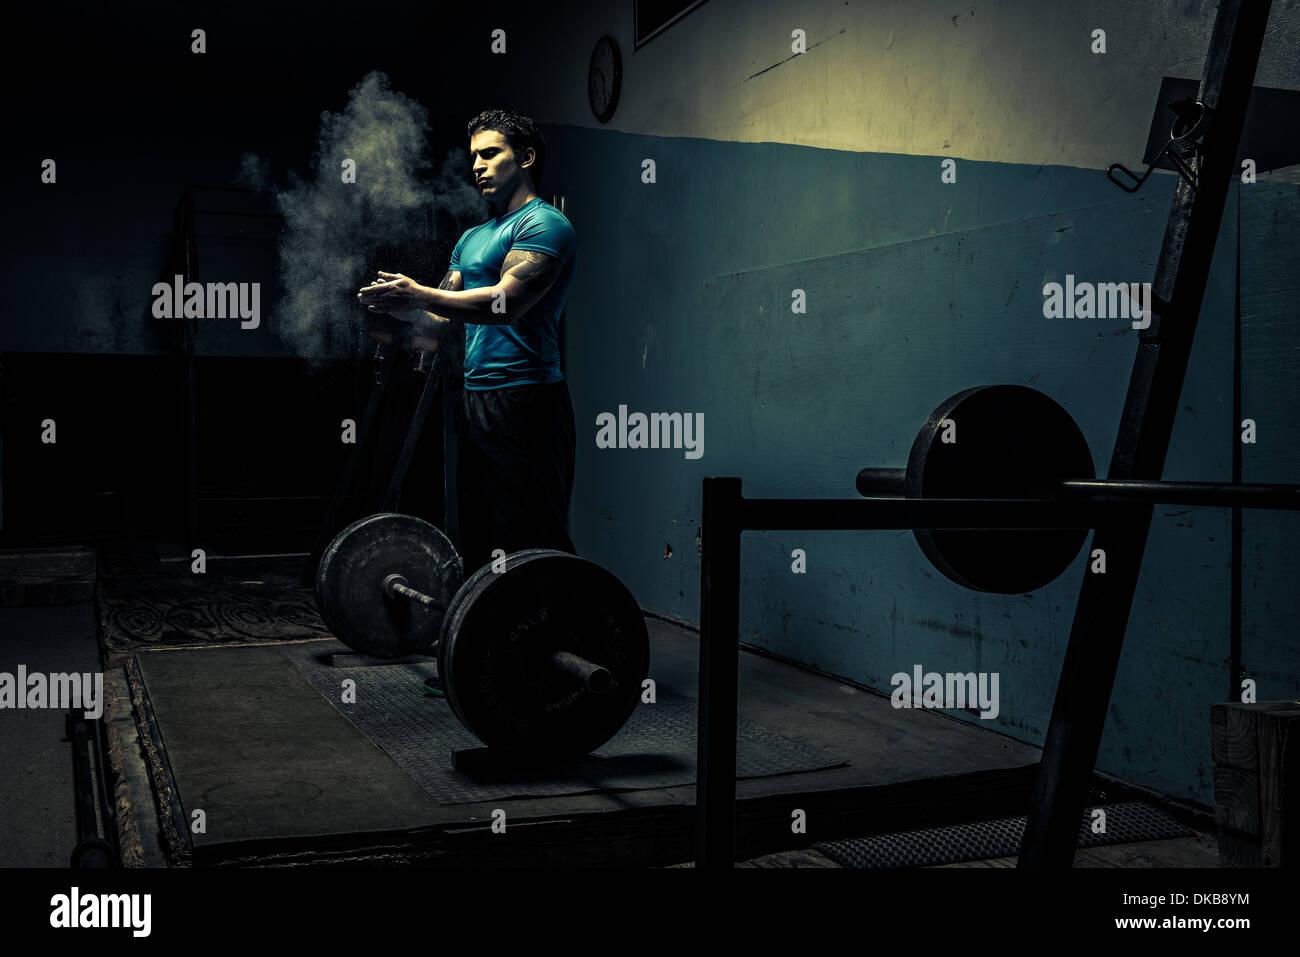 Weightlifter in dark gym, putting chalk on hands - Stock Image